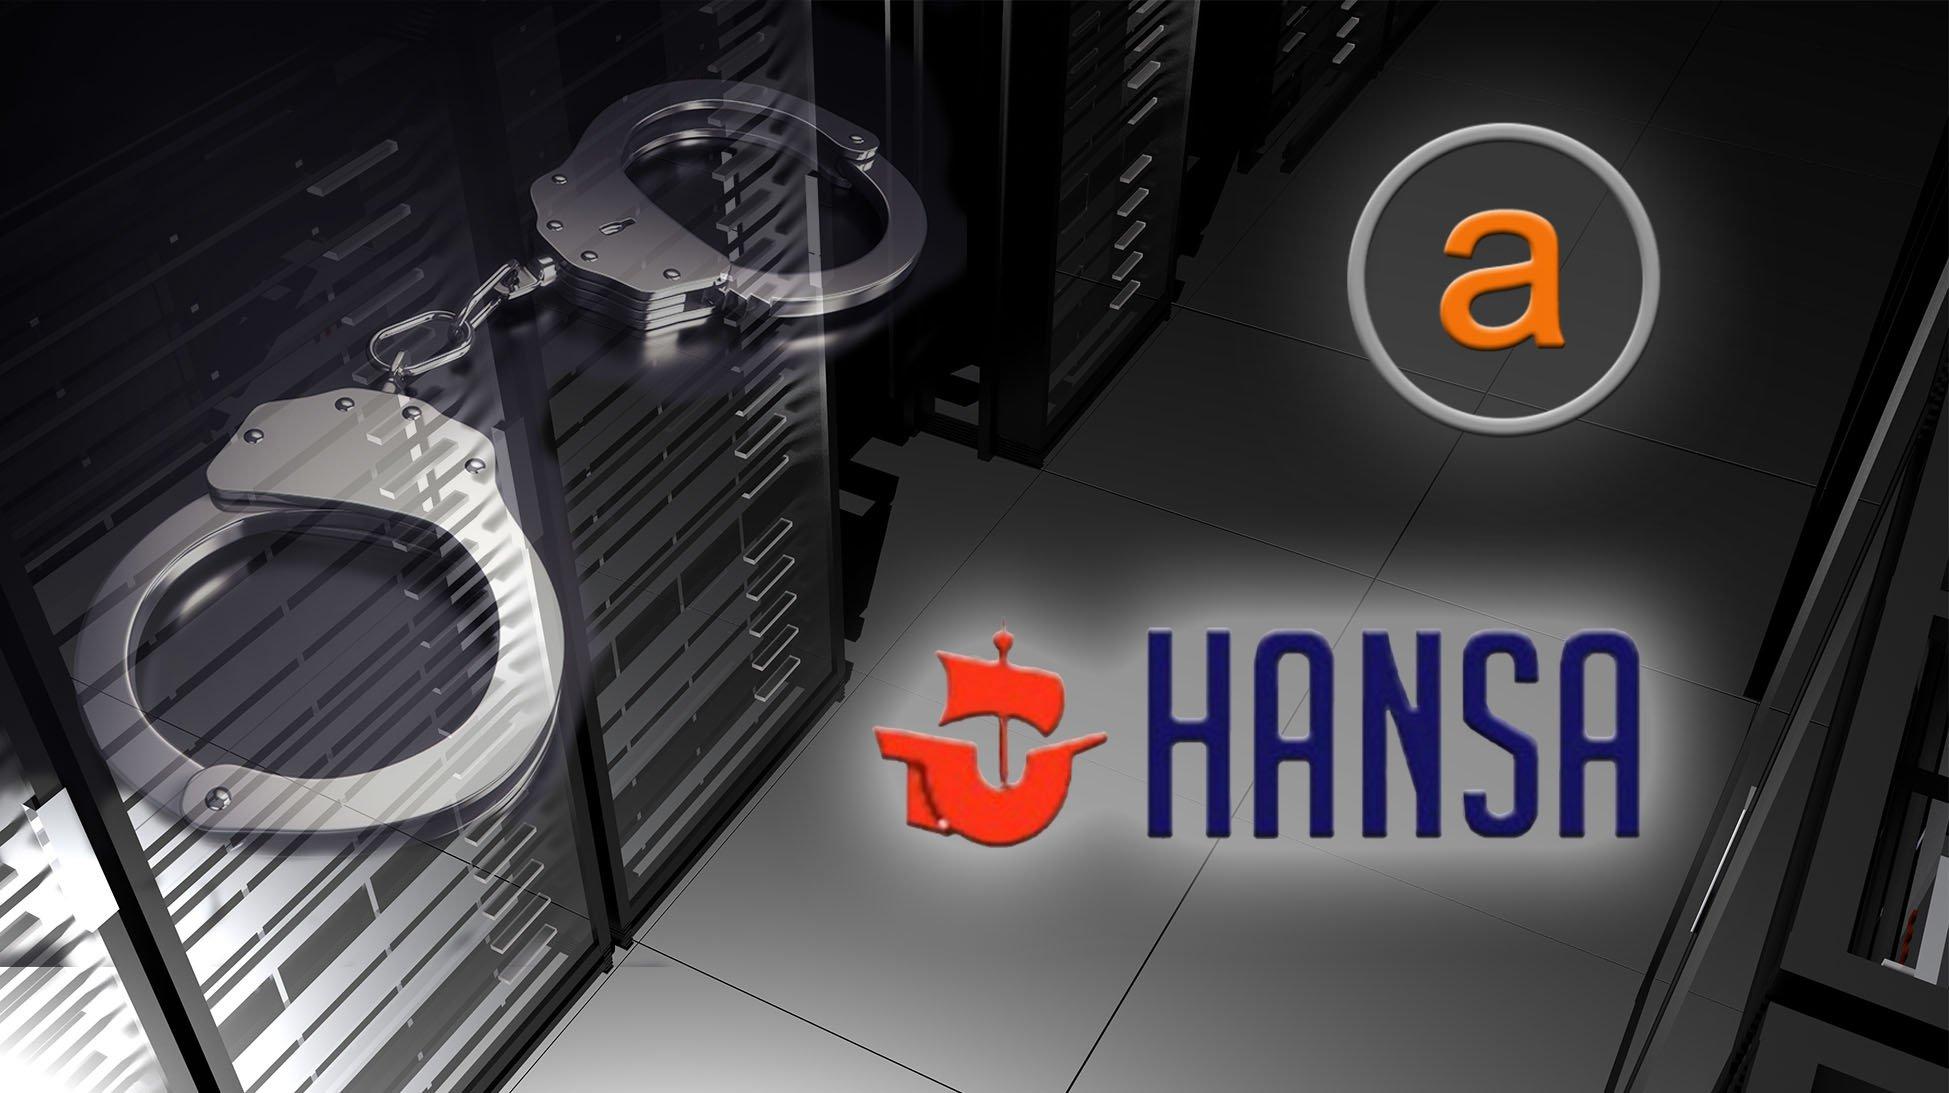 Hansa Market Taken Down in Global Law Enforcement Operation